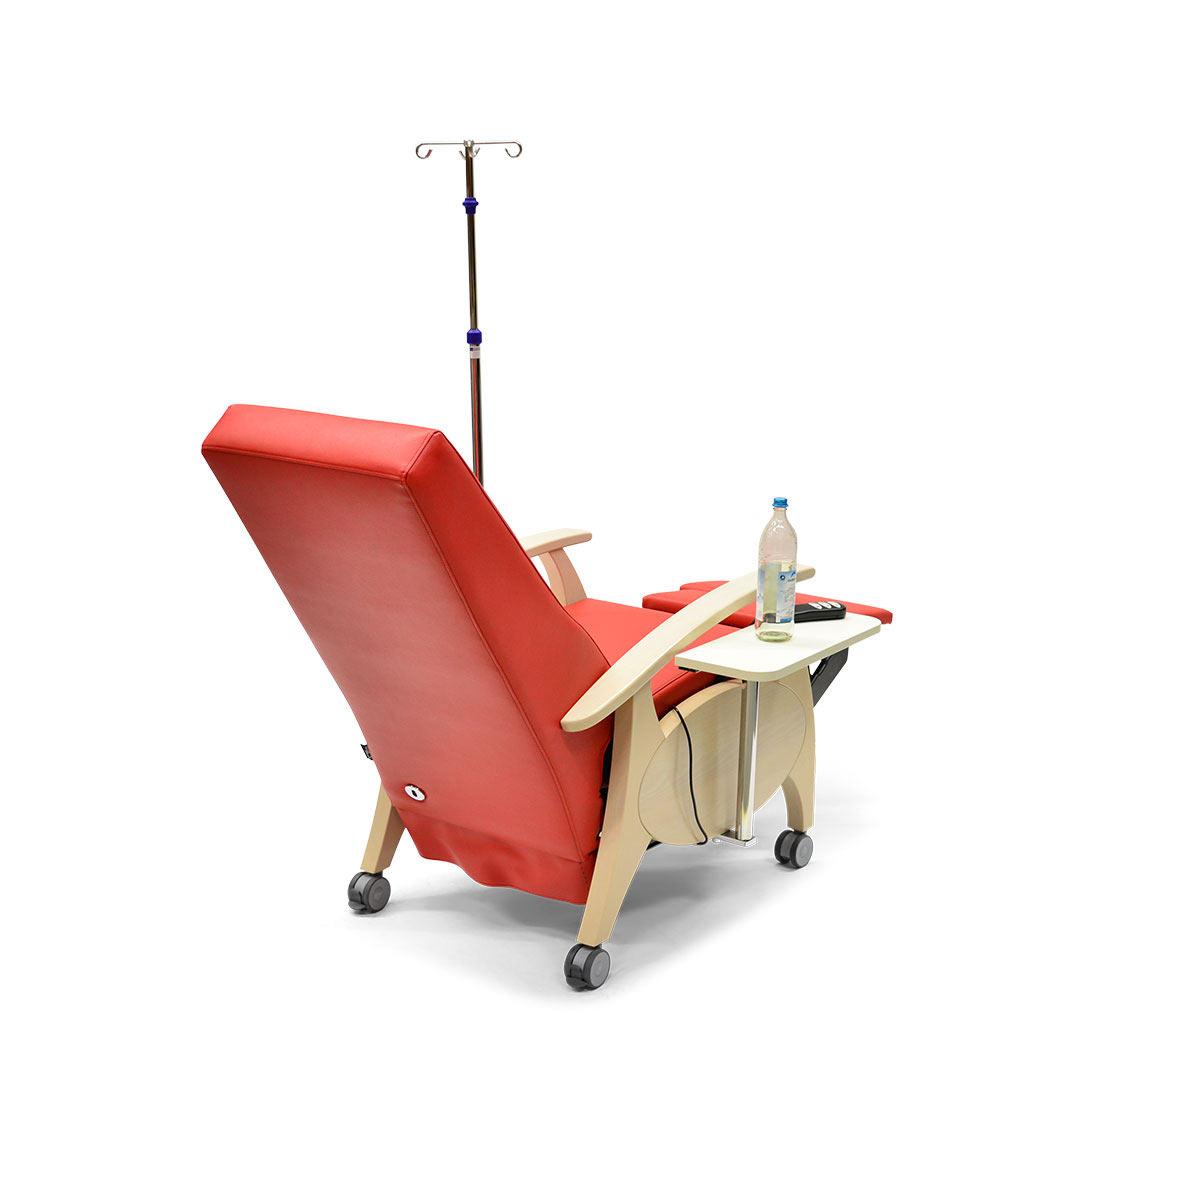 Pflegesessel Multicare wood 8509464R 01413005R5464 2 - MultiCare Wood Pflegesessel 8509